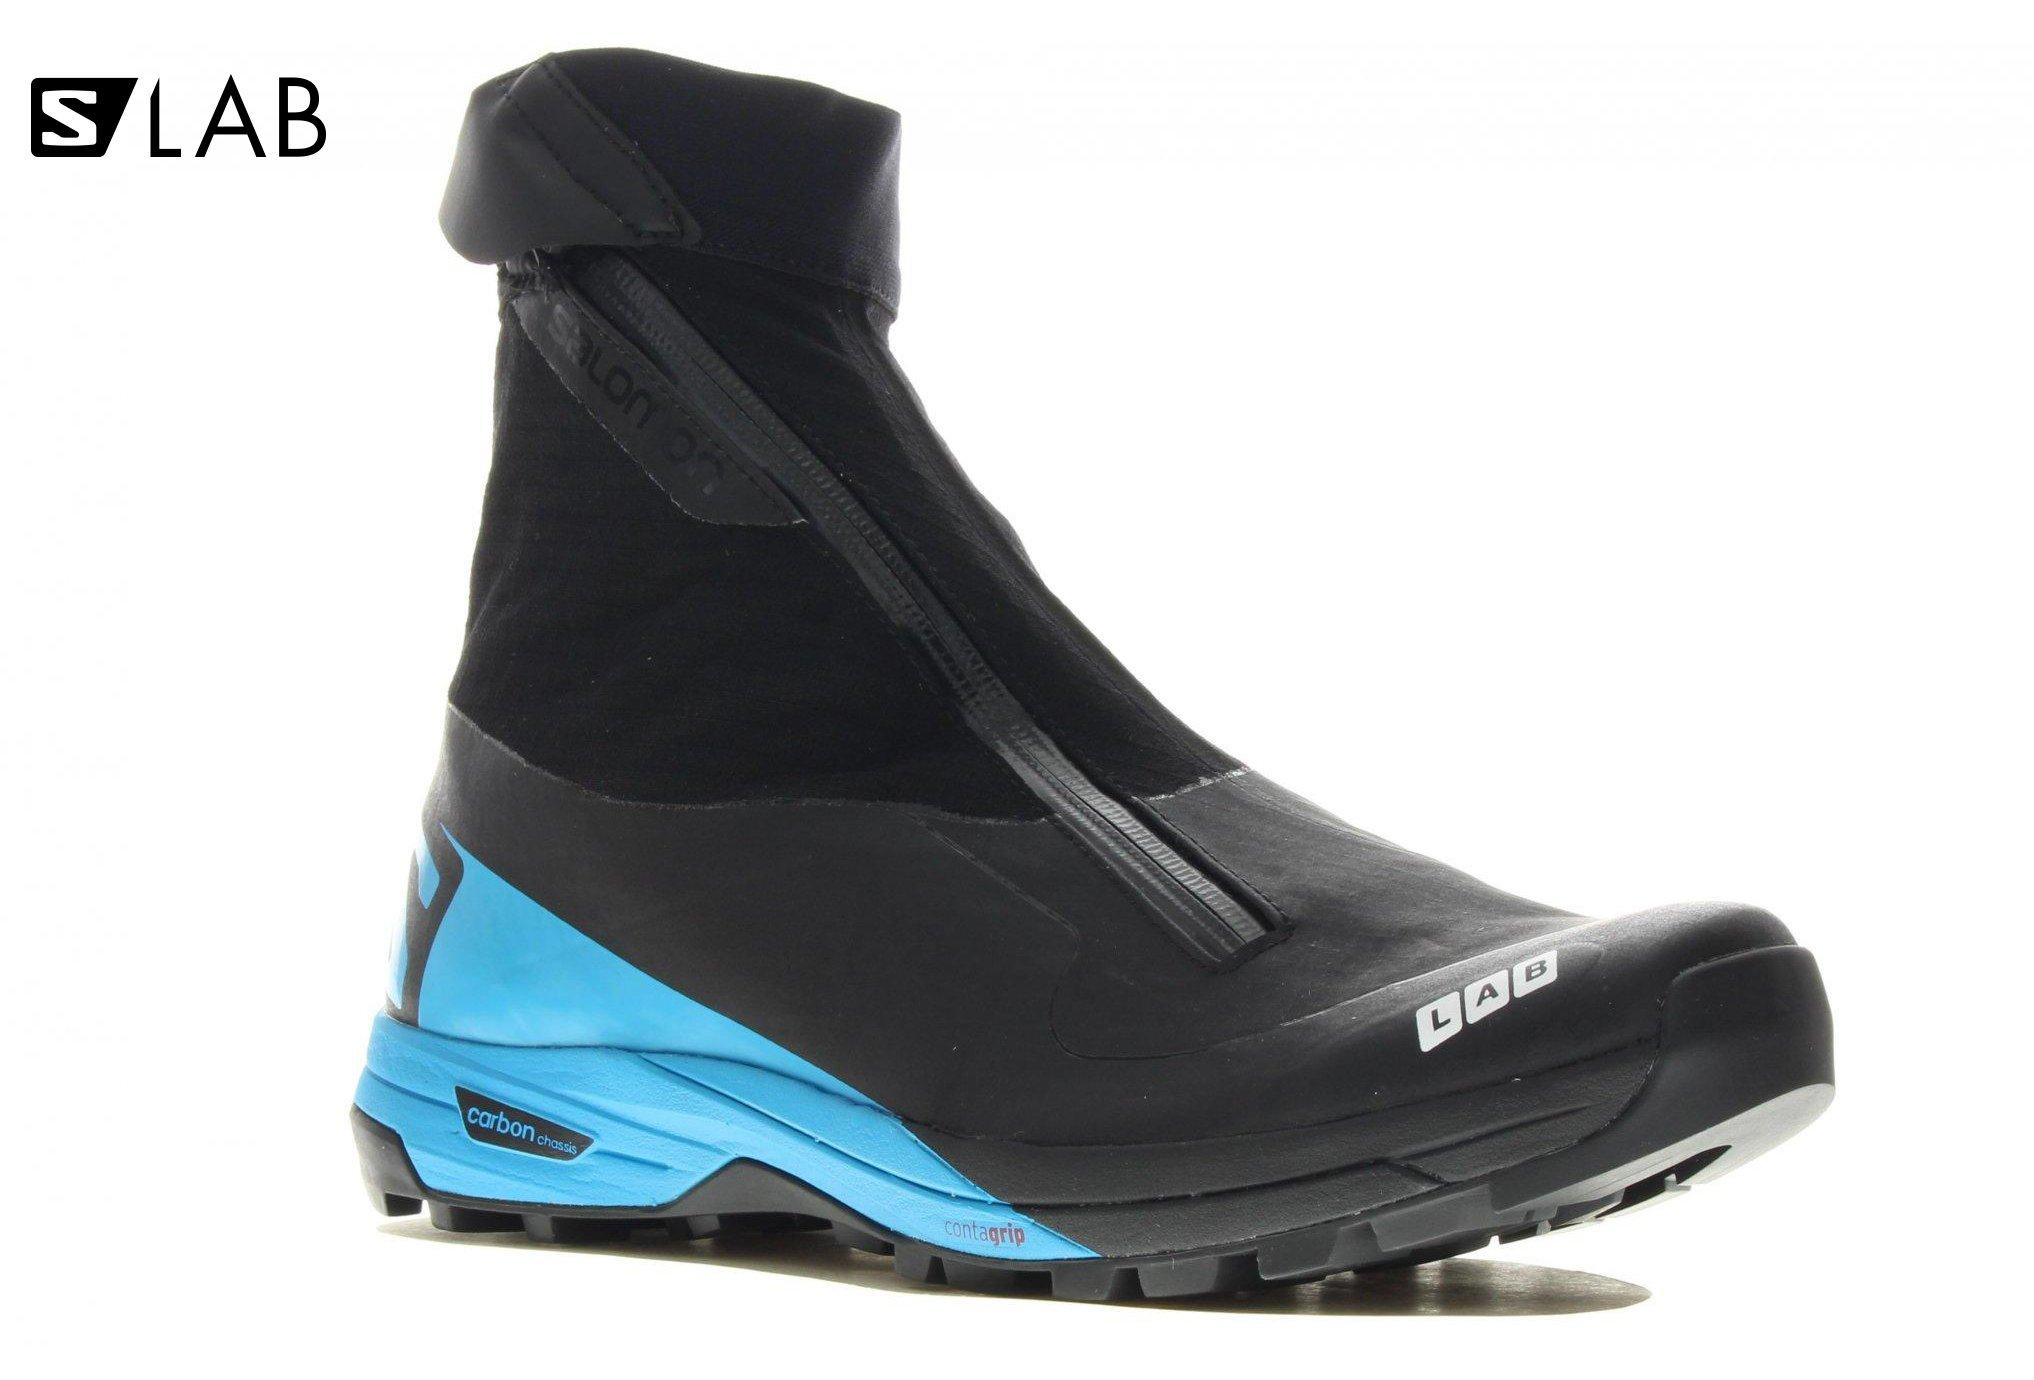 Salomon S-Lab XA Alpine M Chaussures homme